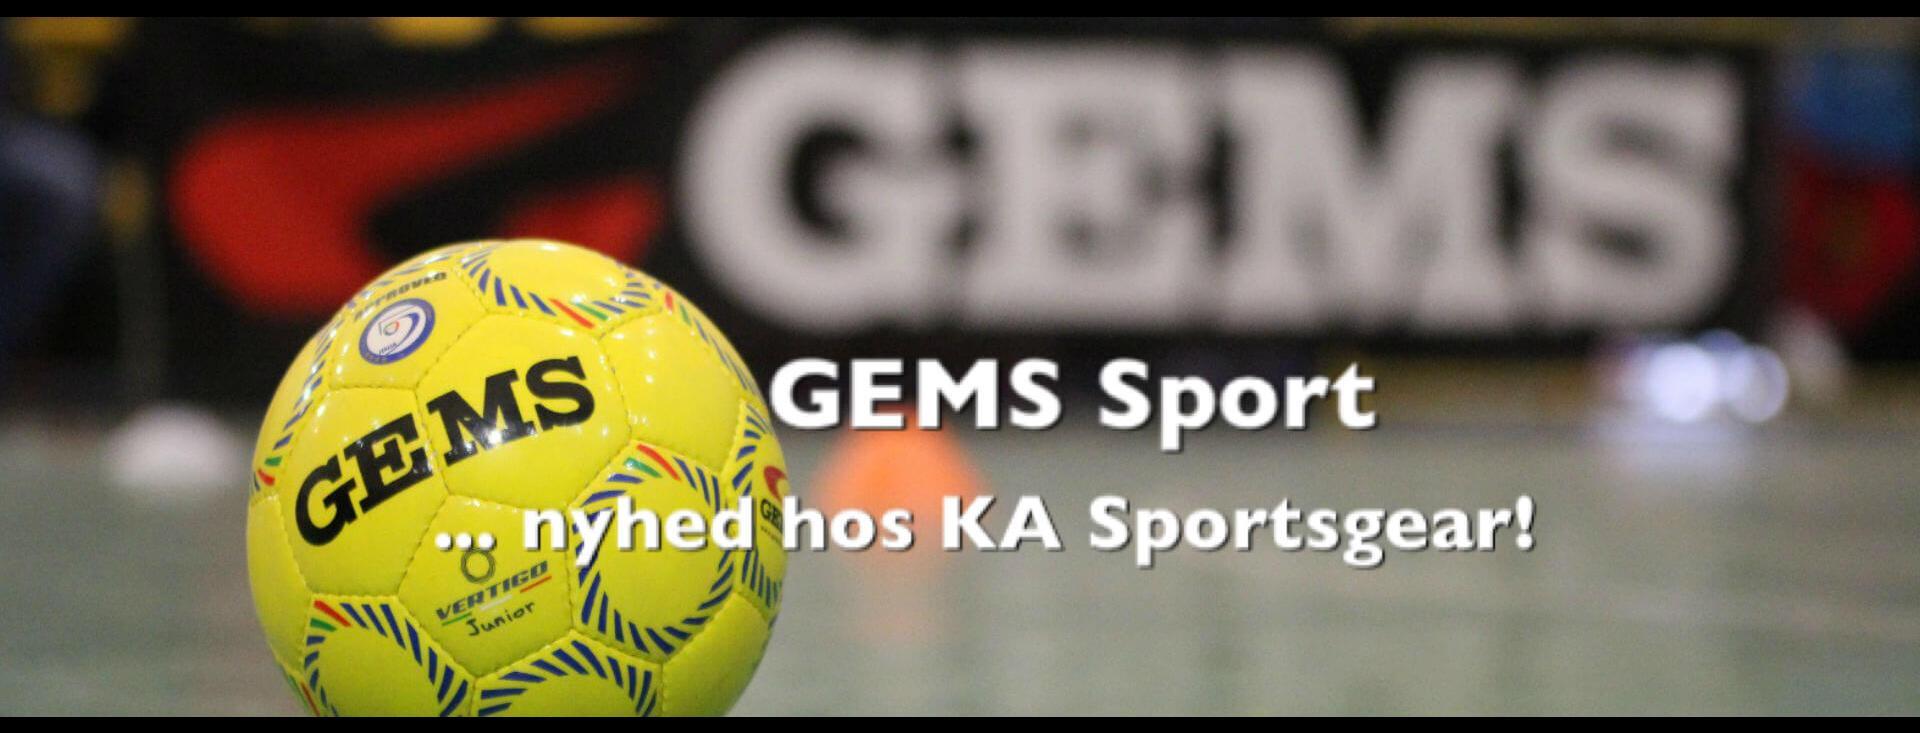 GEMS Sport - Futsall og indendørs fodbold